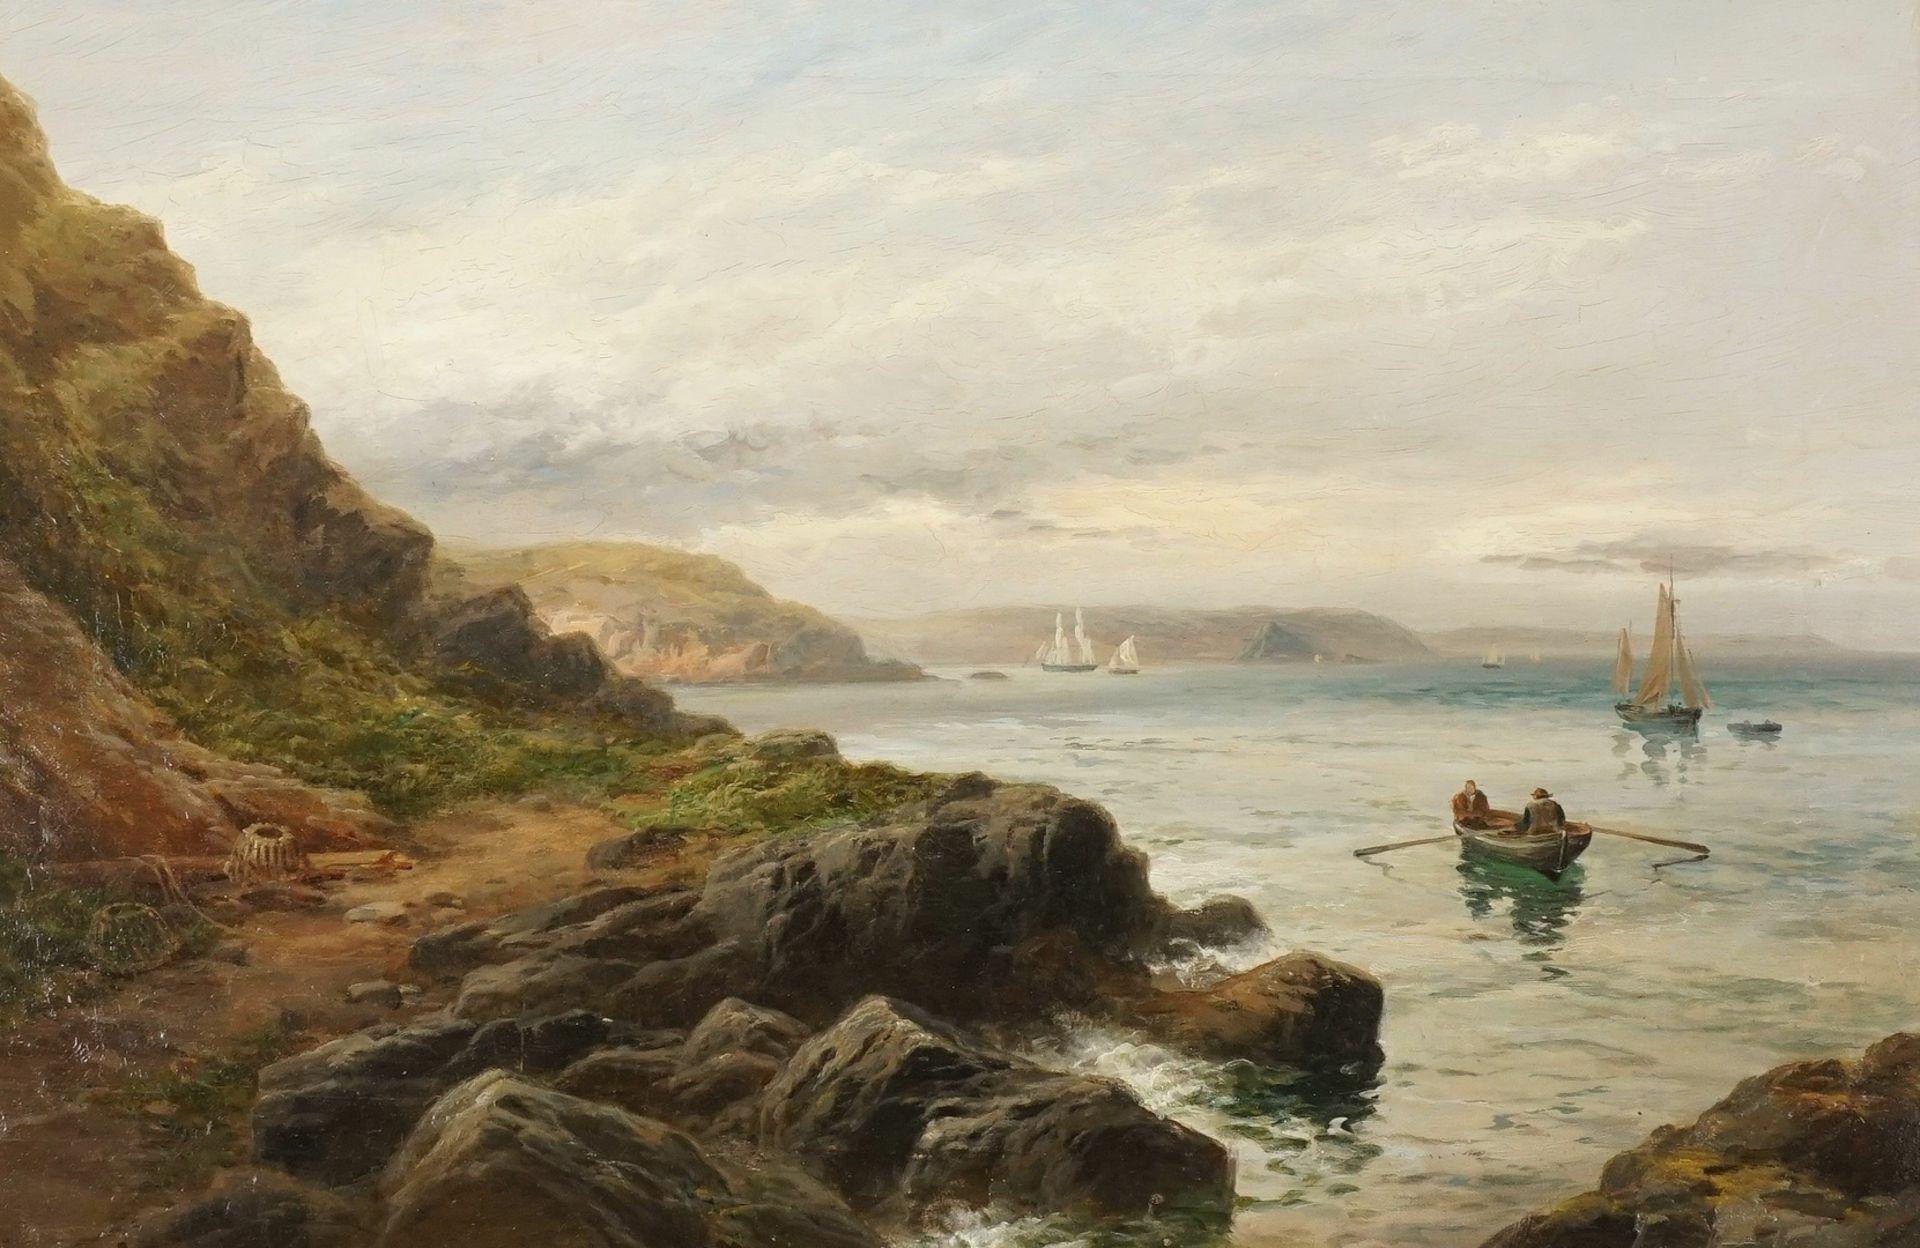 Unbekannter Landschaftsmaler, Felsige Küste mit Fischerbooten - Bild 2 aus 3